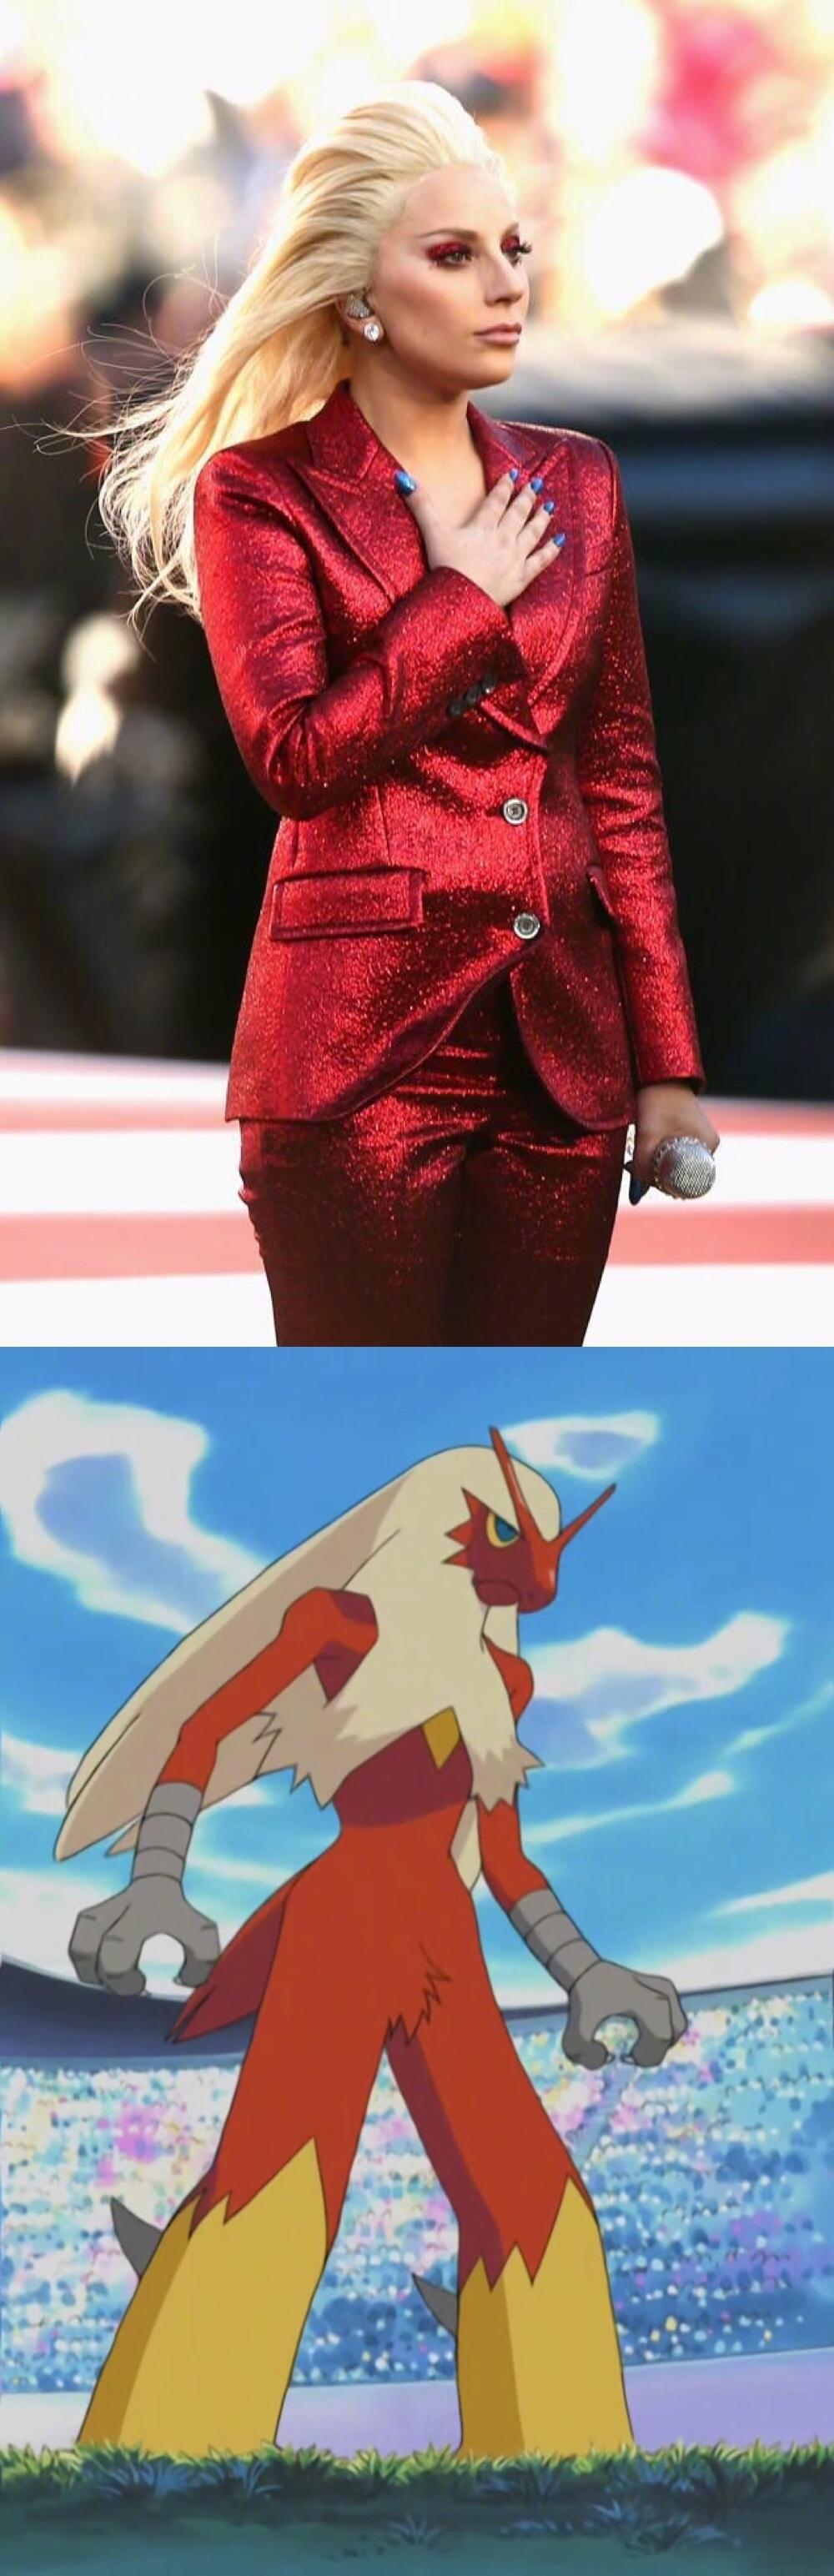 Lady Gaga,深藏不露的coser!(twi.fkajack)